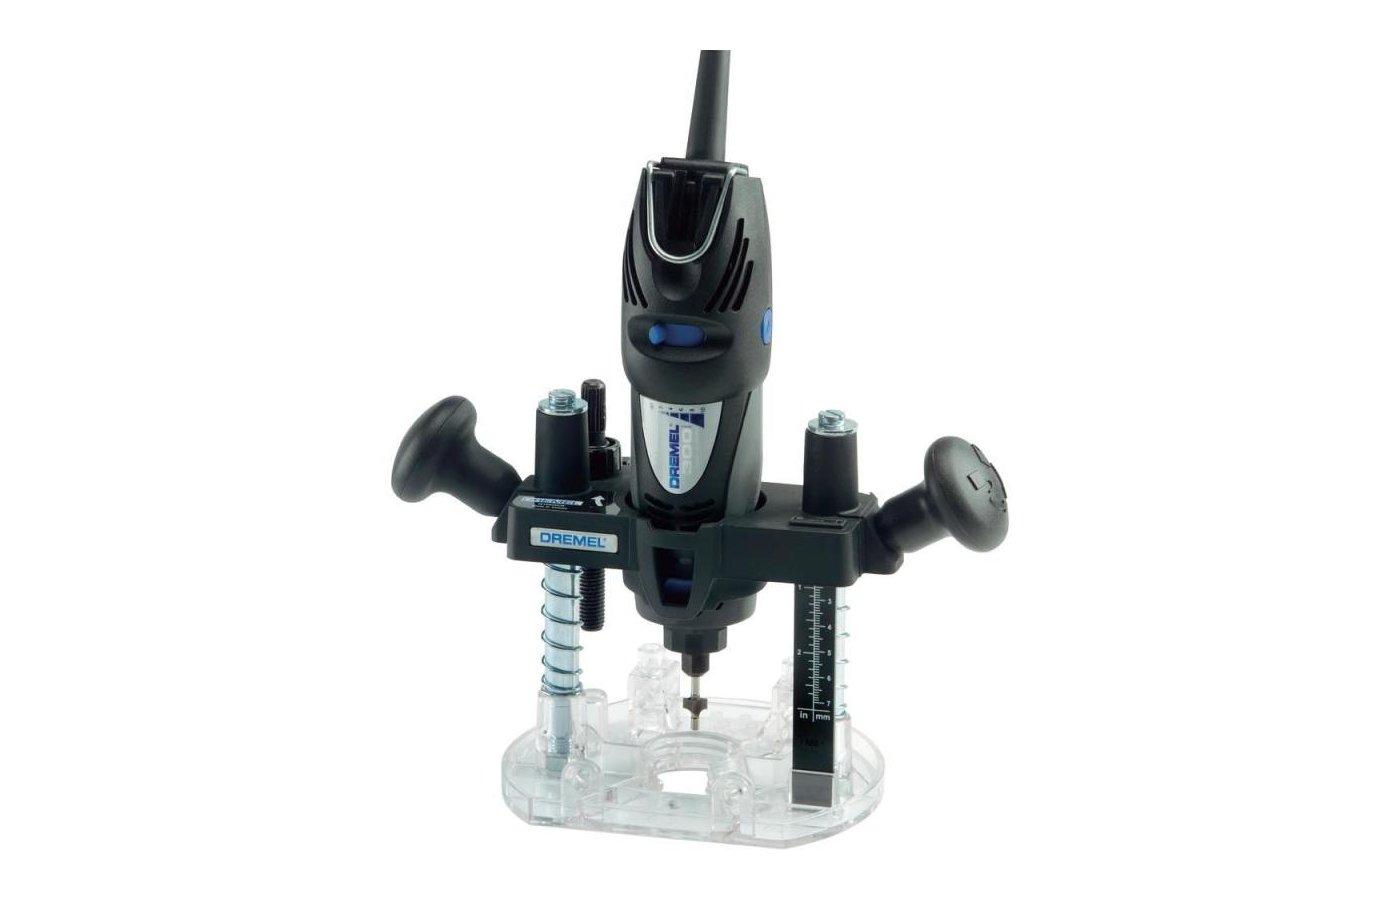 Инструмент DREMEL 335 Приставка для фрезерования